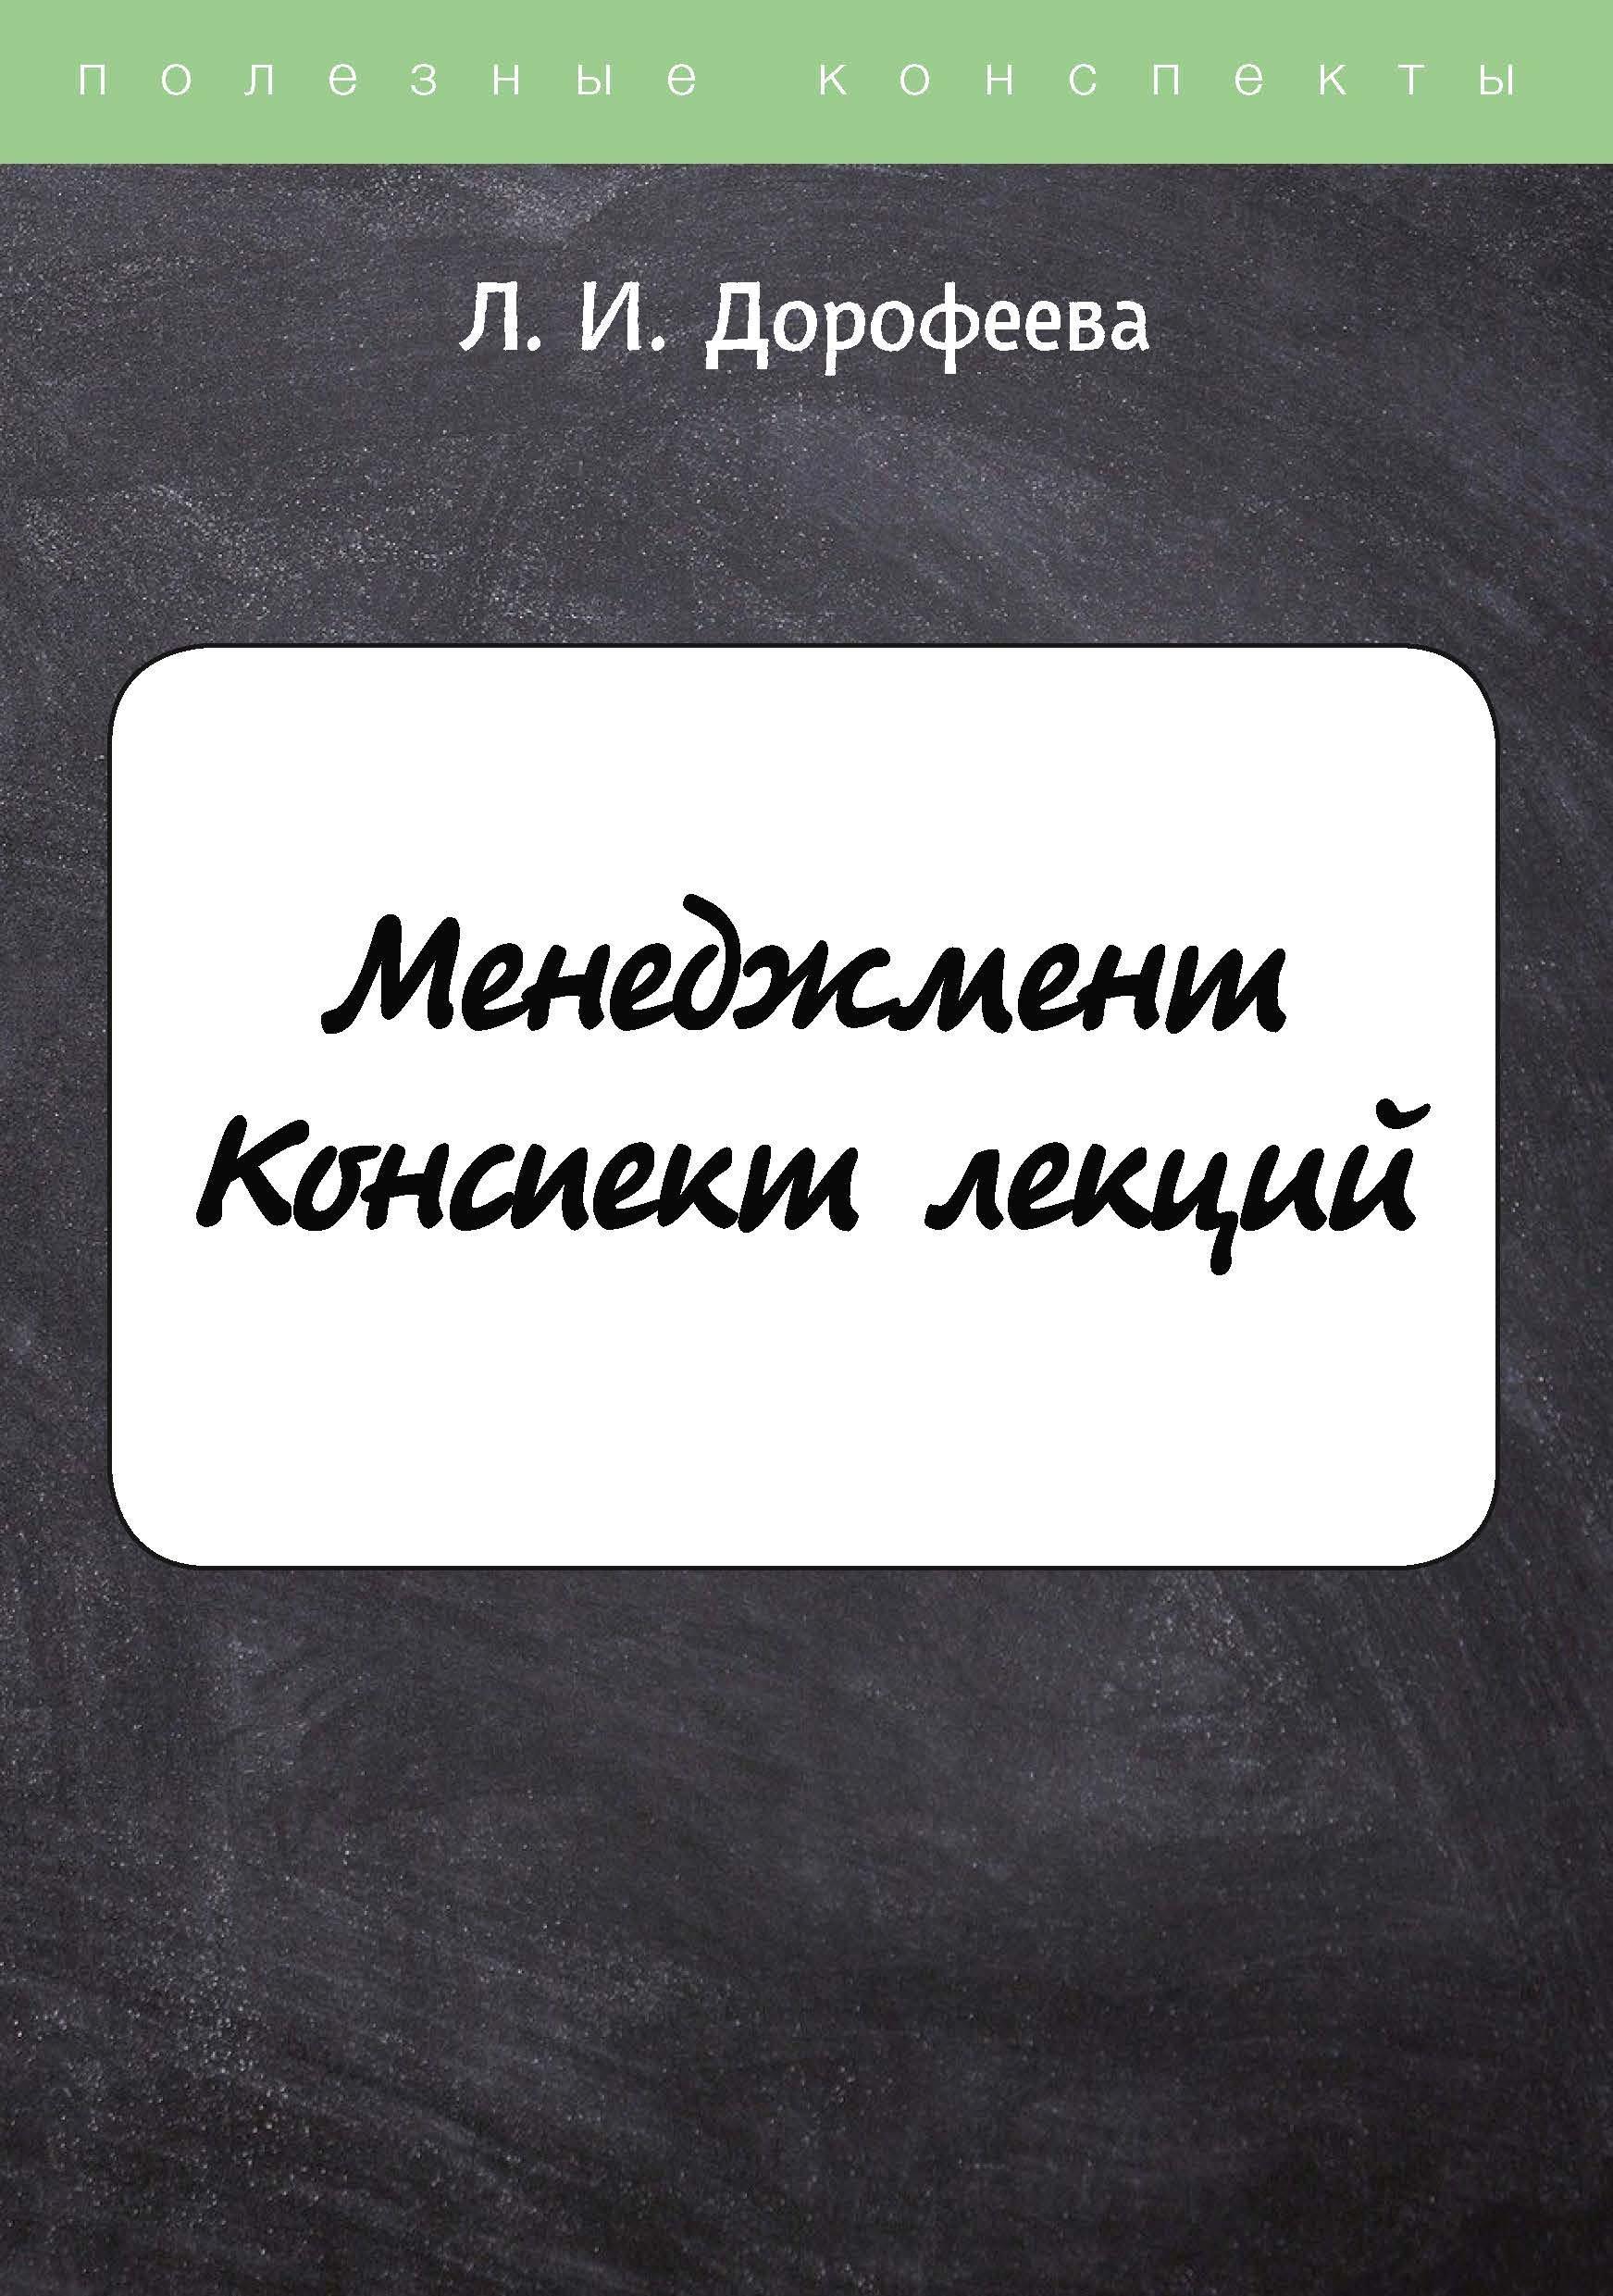 Менеджмент. Конспект лекций